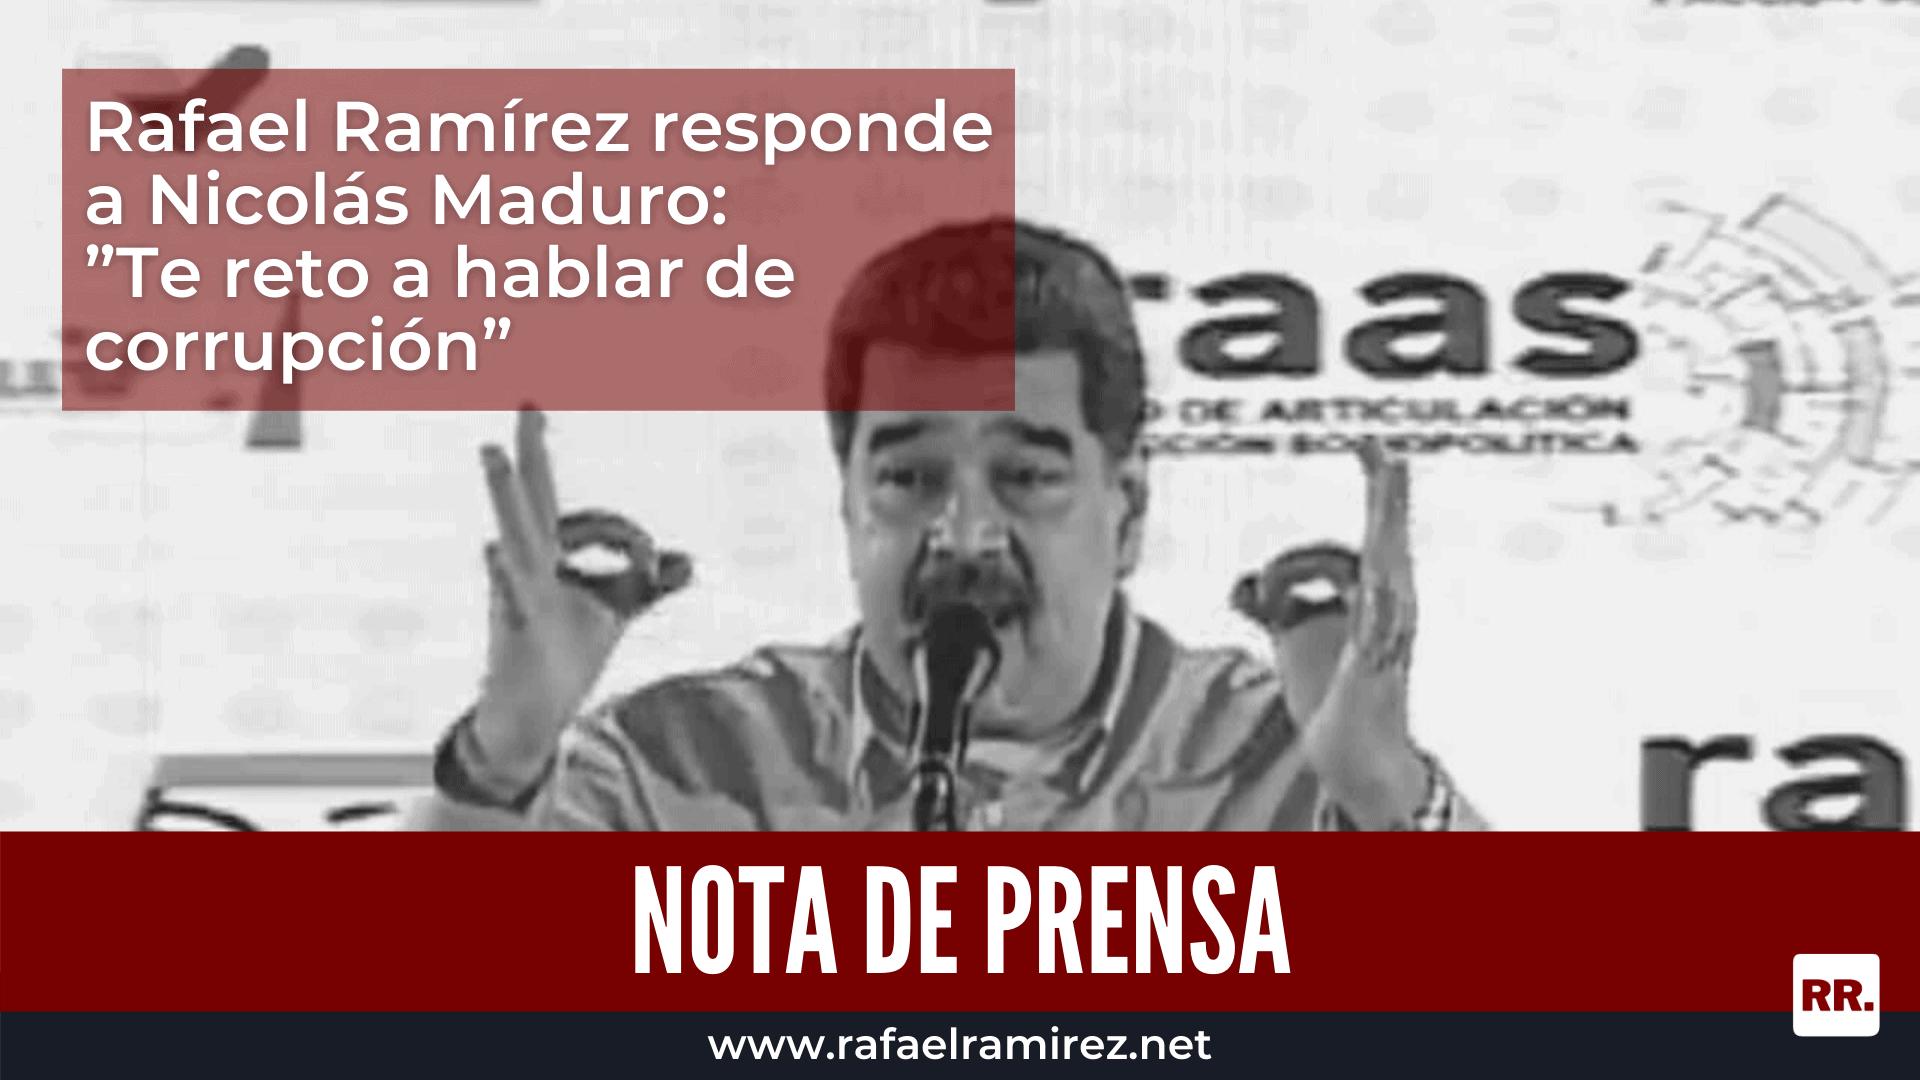 Rafael Ramírez responde a Nicolás Maduro: Te reto a hablar de corrupción